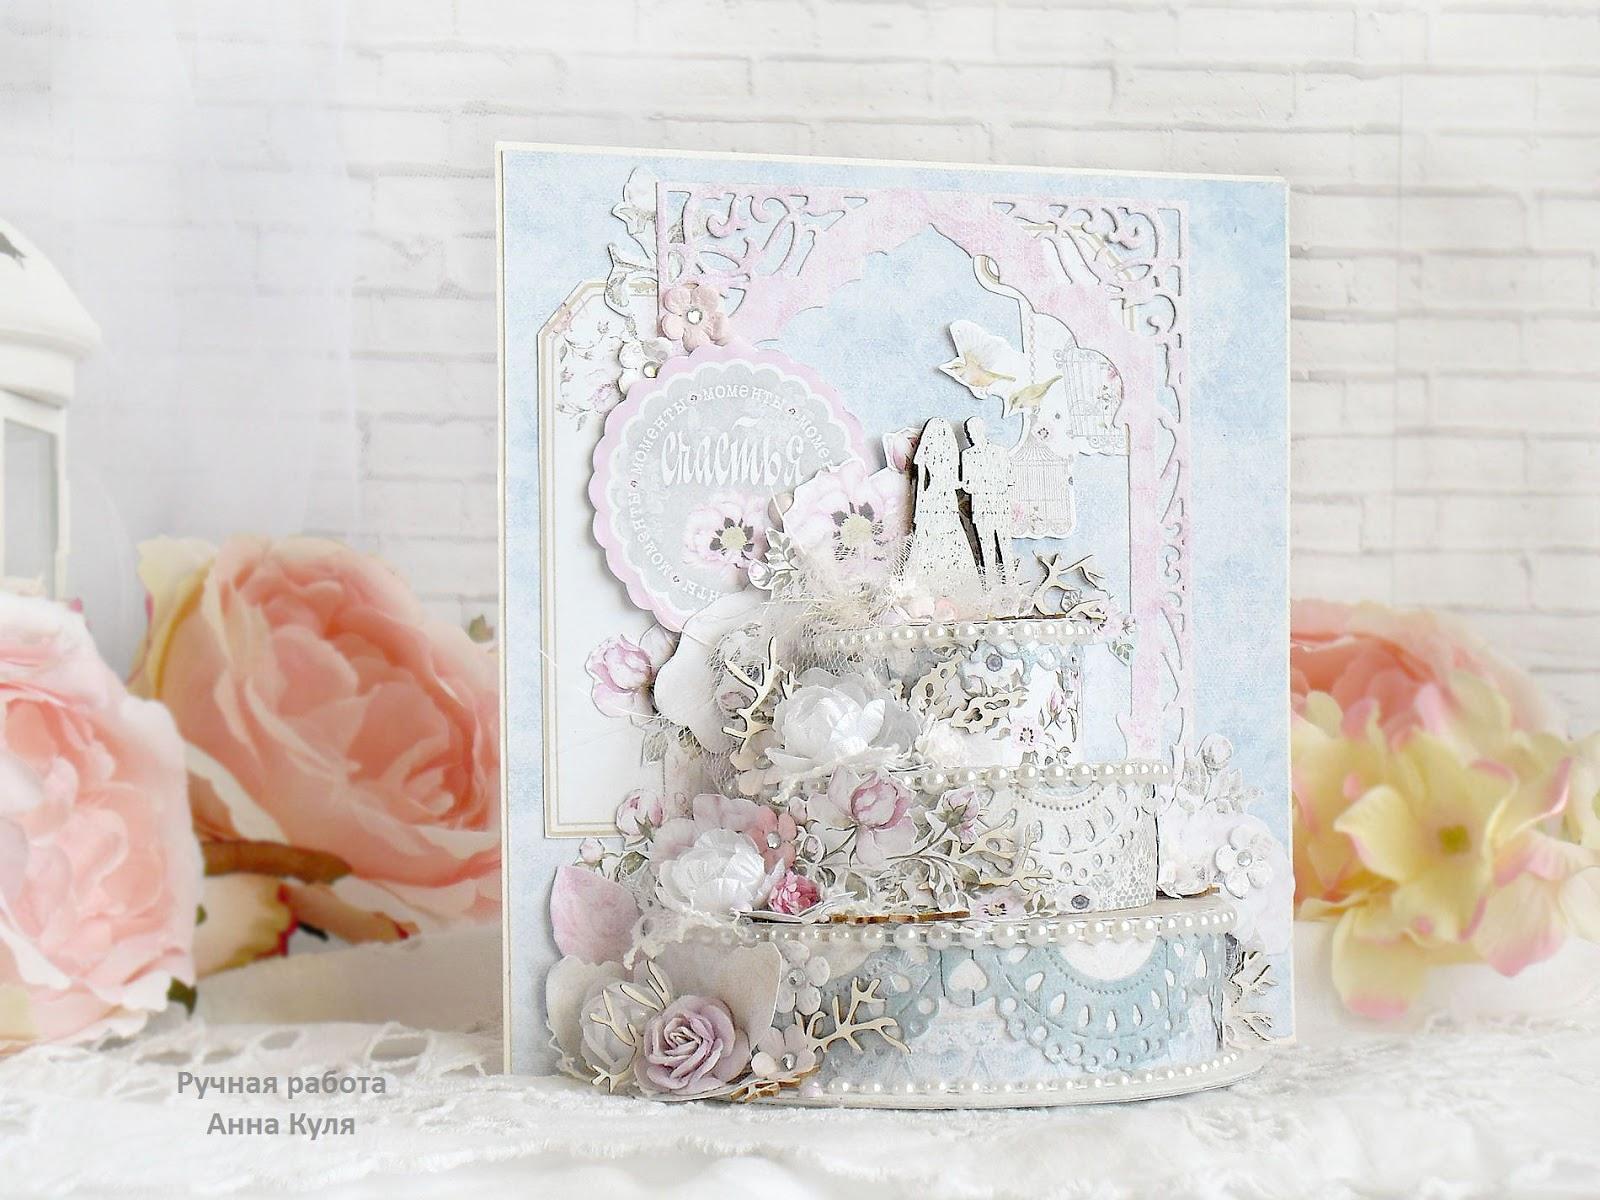 Мк по свадебной открытке скрапбукинг